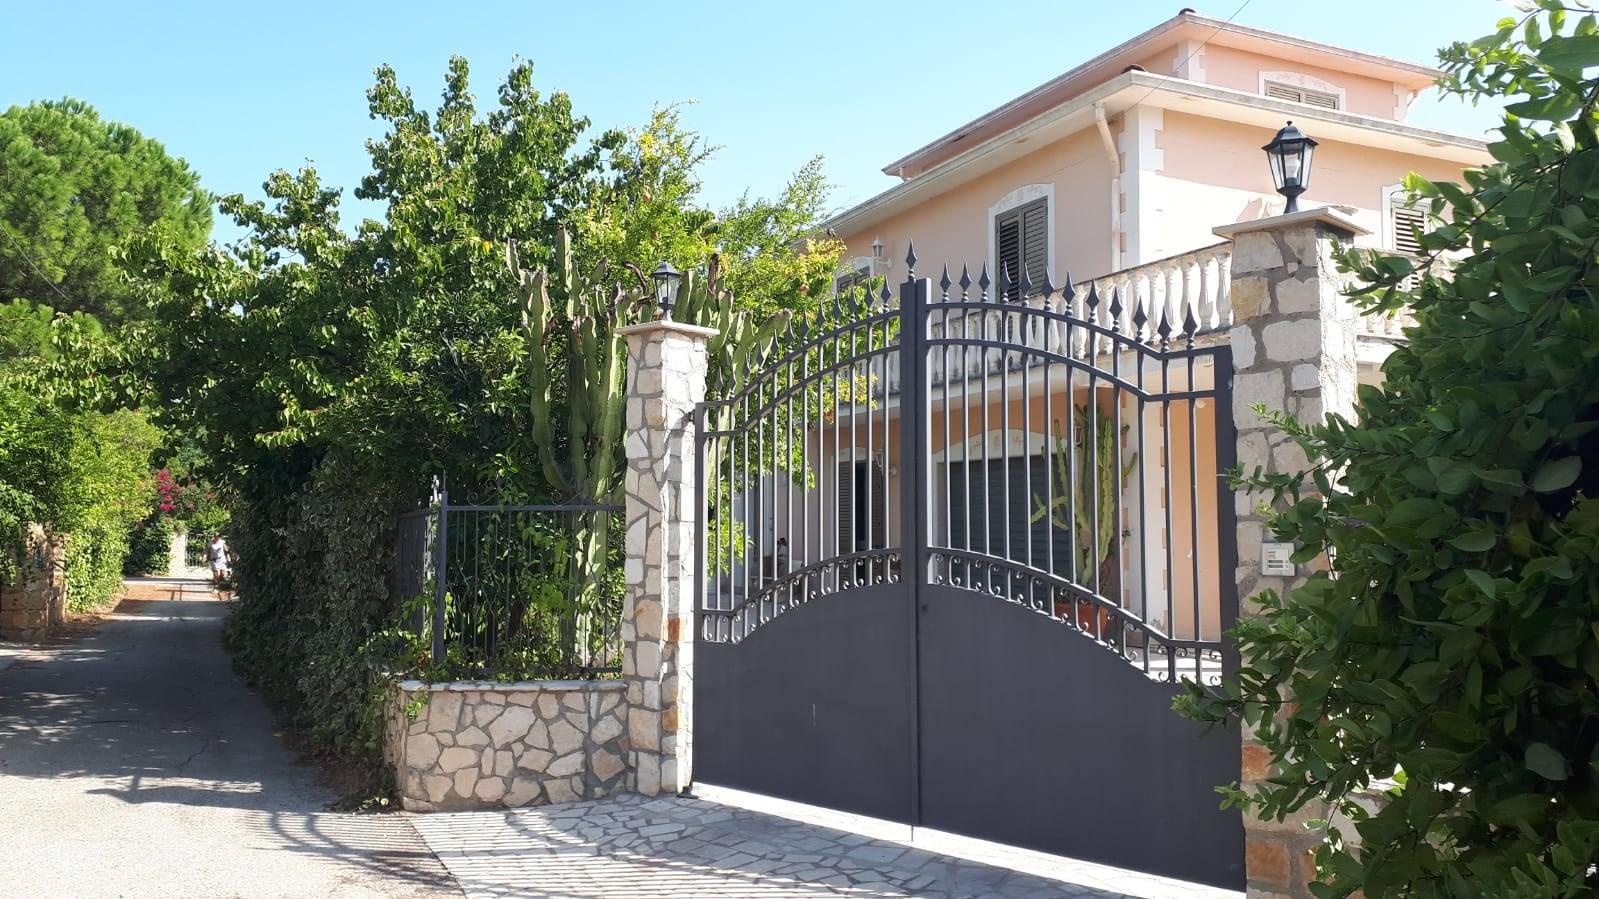 Villa in vendita a Campobello di Licata, 11 locali, prezzo € 310.000   CambioCasa.it